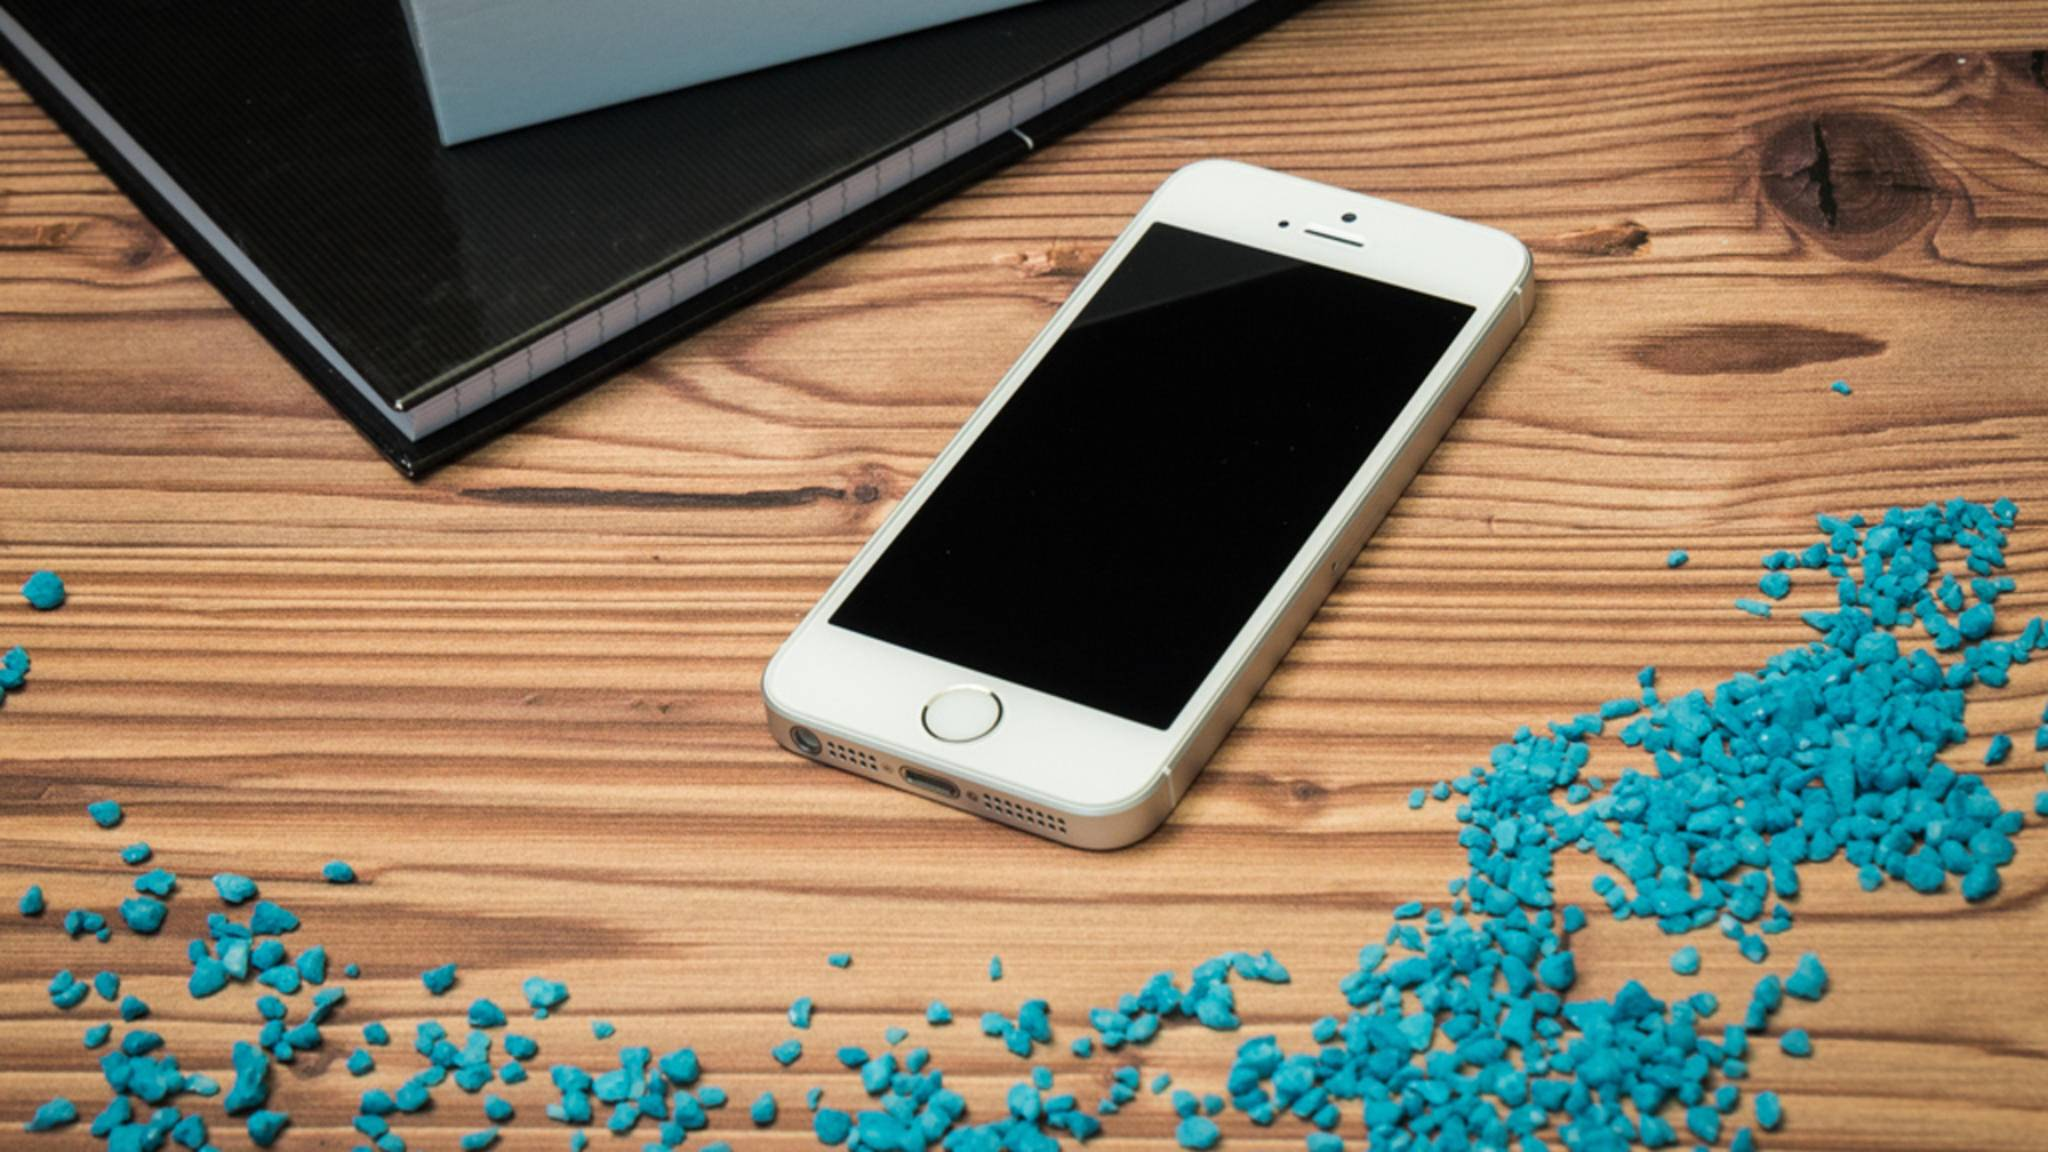 Wird Das IPhone SE Noch Einmal Ein Produktupdate Bekommen